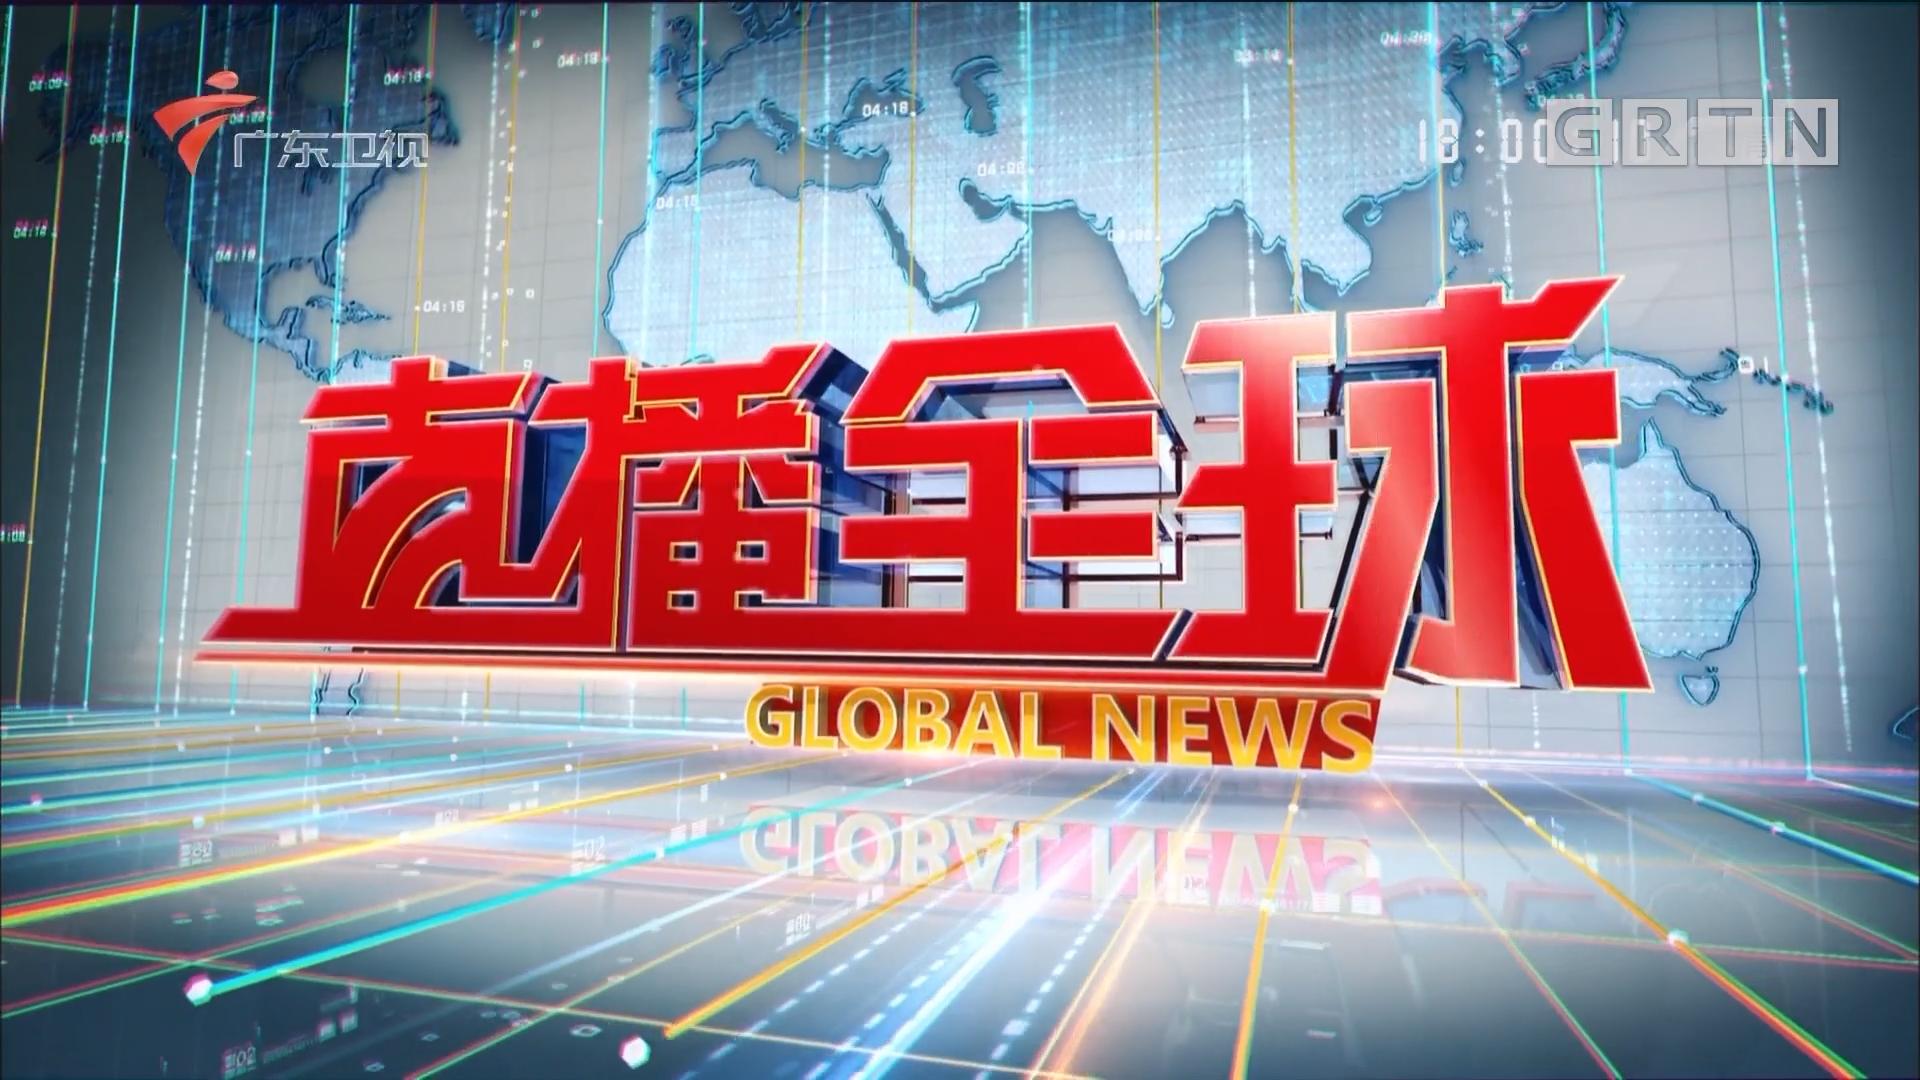 [HD][2017-11-16]直播全球:李克强访菲 双方签署多项协议:中菲关系在改善基础上逐步升温